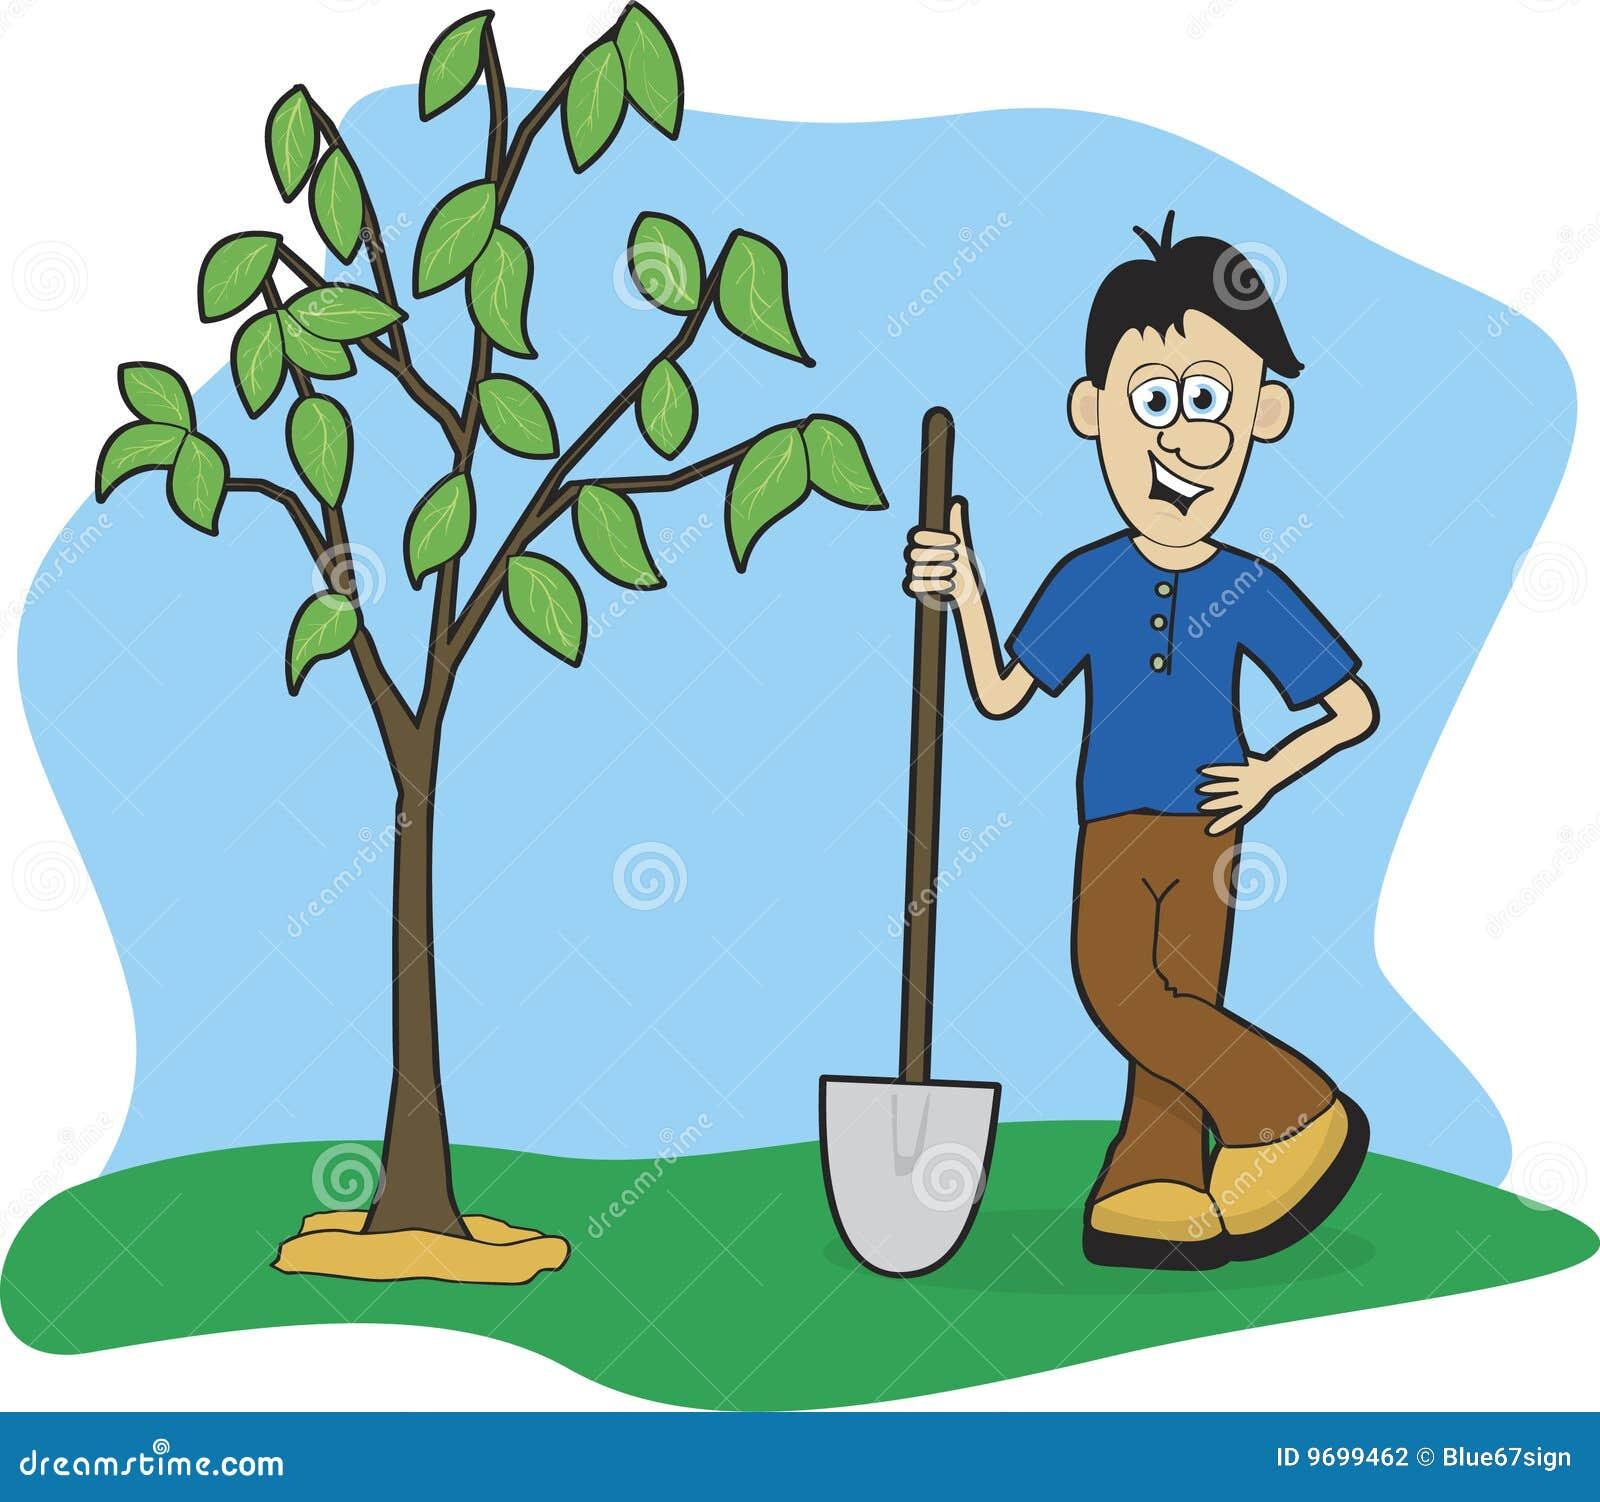 Мужчина должен посадить дерево построить дом и вырастить сына поздравление